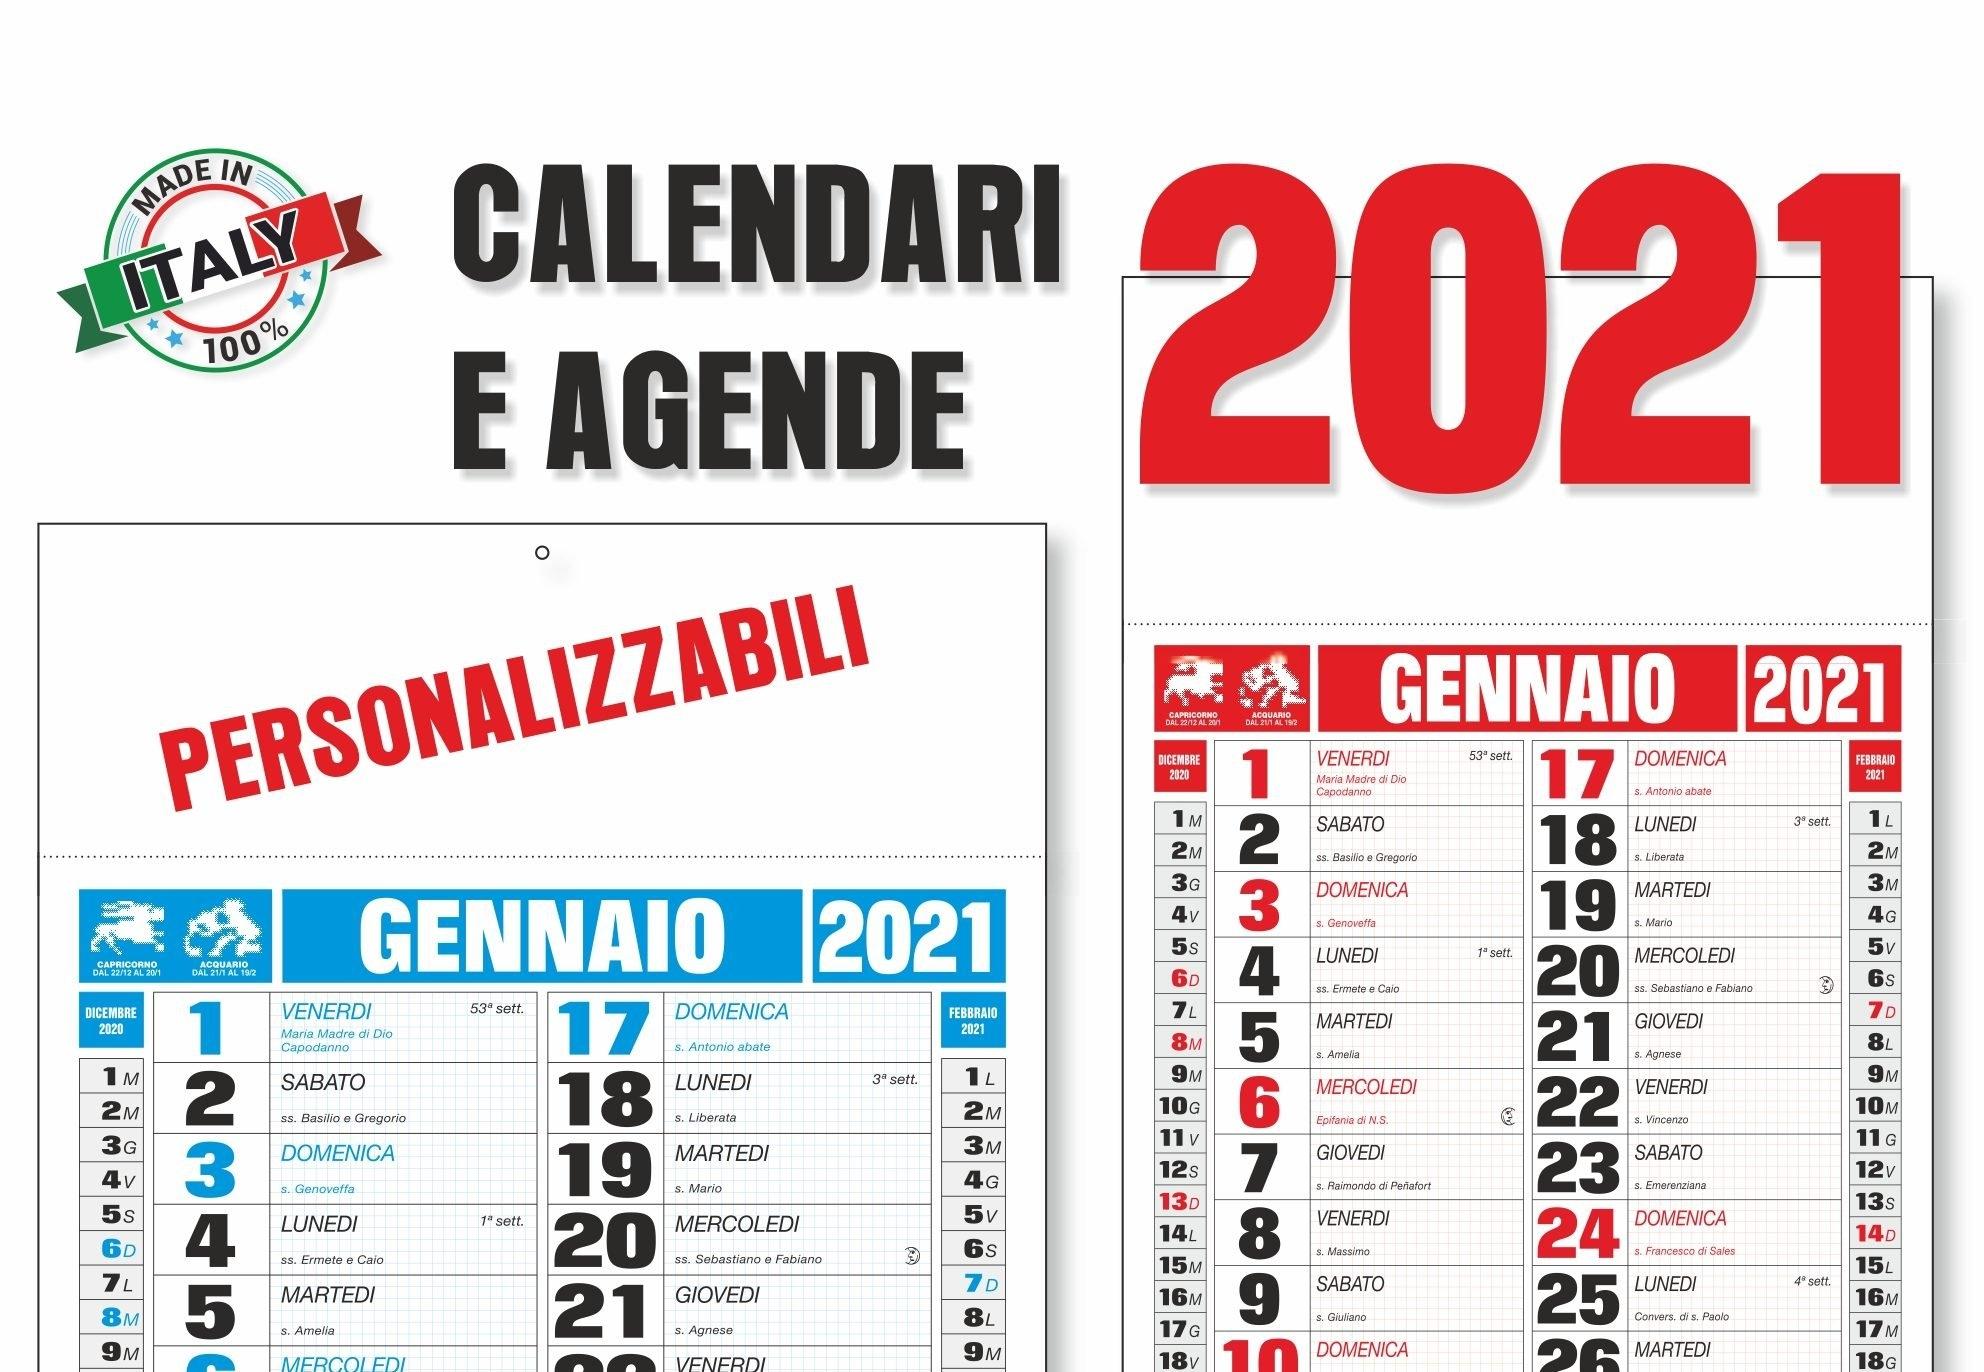 Calendari Ed Agende 2021 Personalizzabili - Graficom within Calendario 2021 Italia Calendarpedia Photo